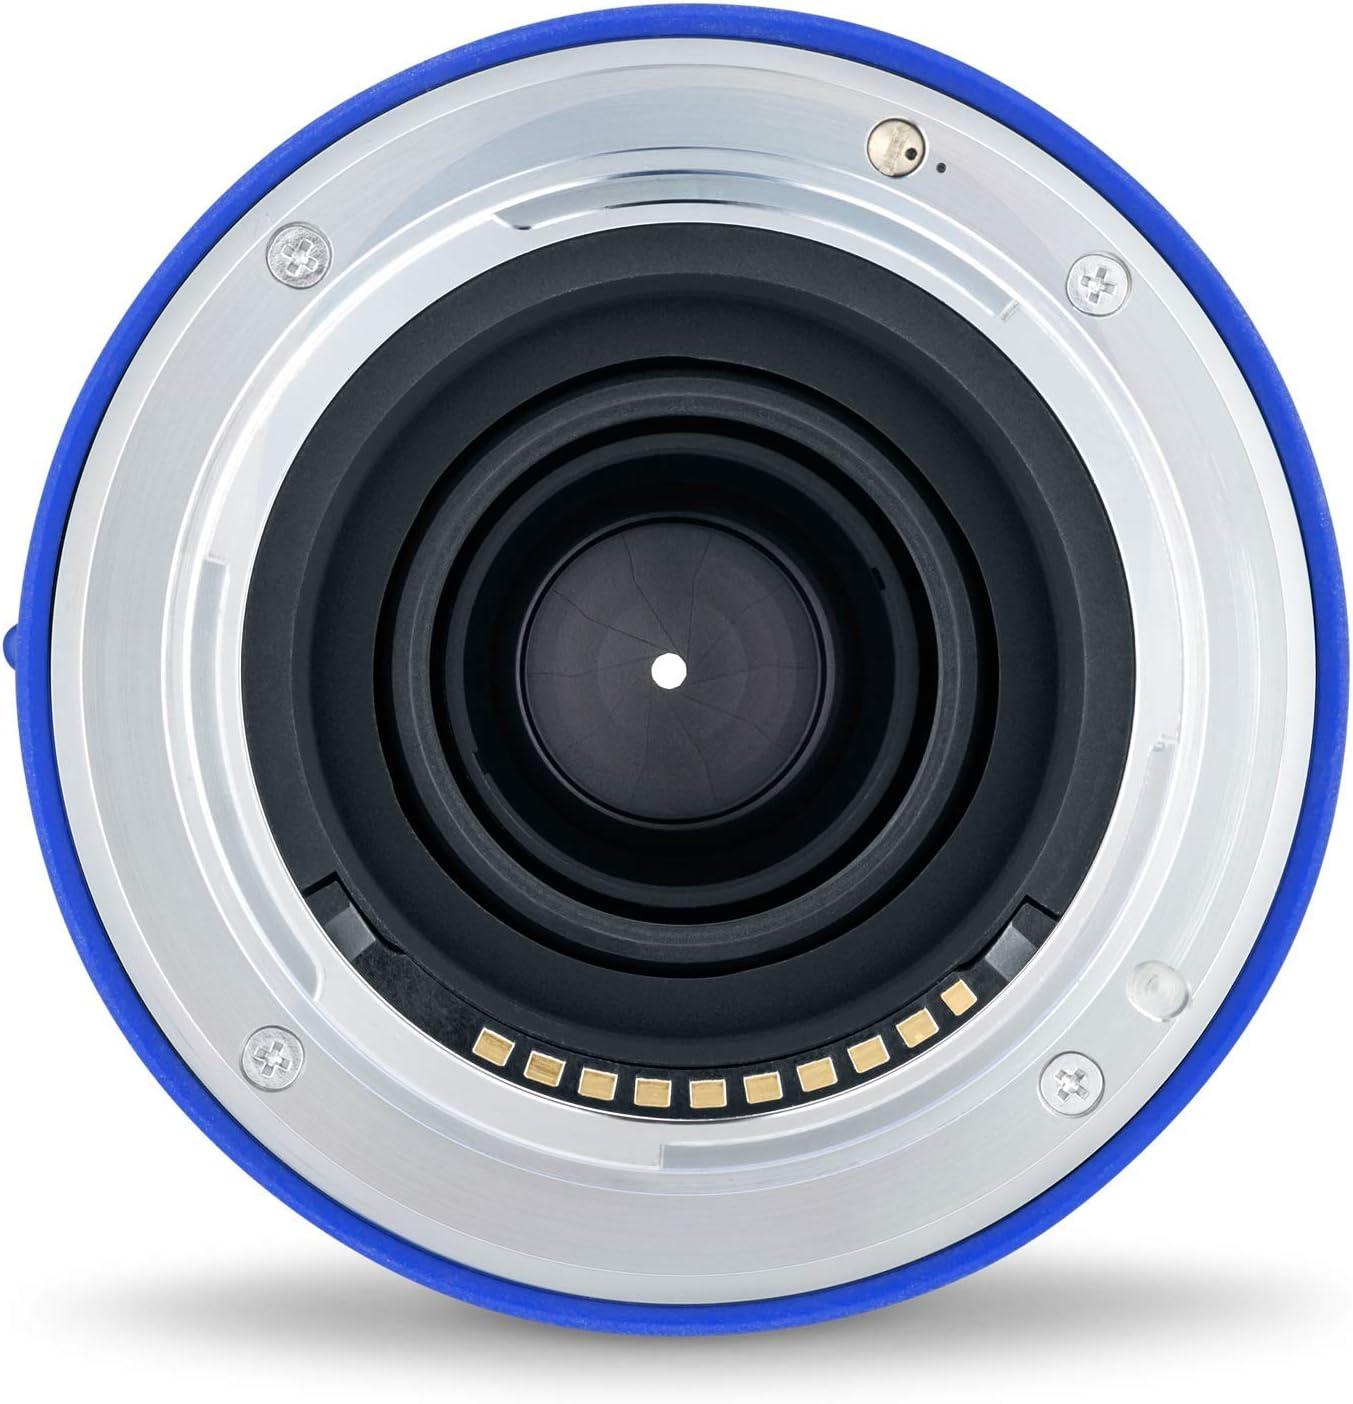 Con Innesto E Zeiss Loxia 2.4//25 E Per Fotocamere Mirrorless Full-Frame Di Sony